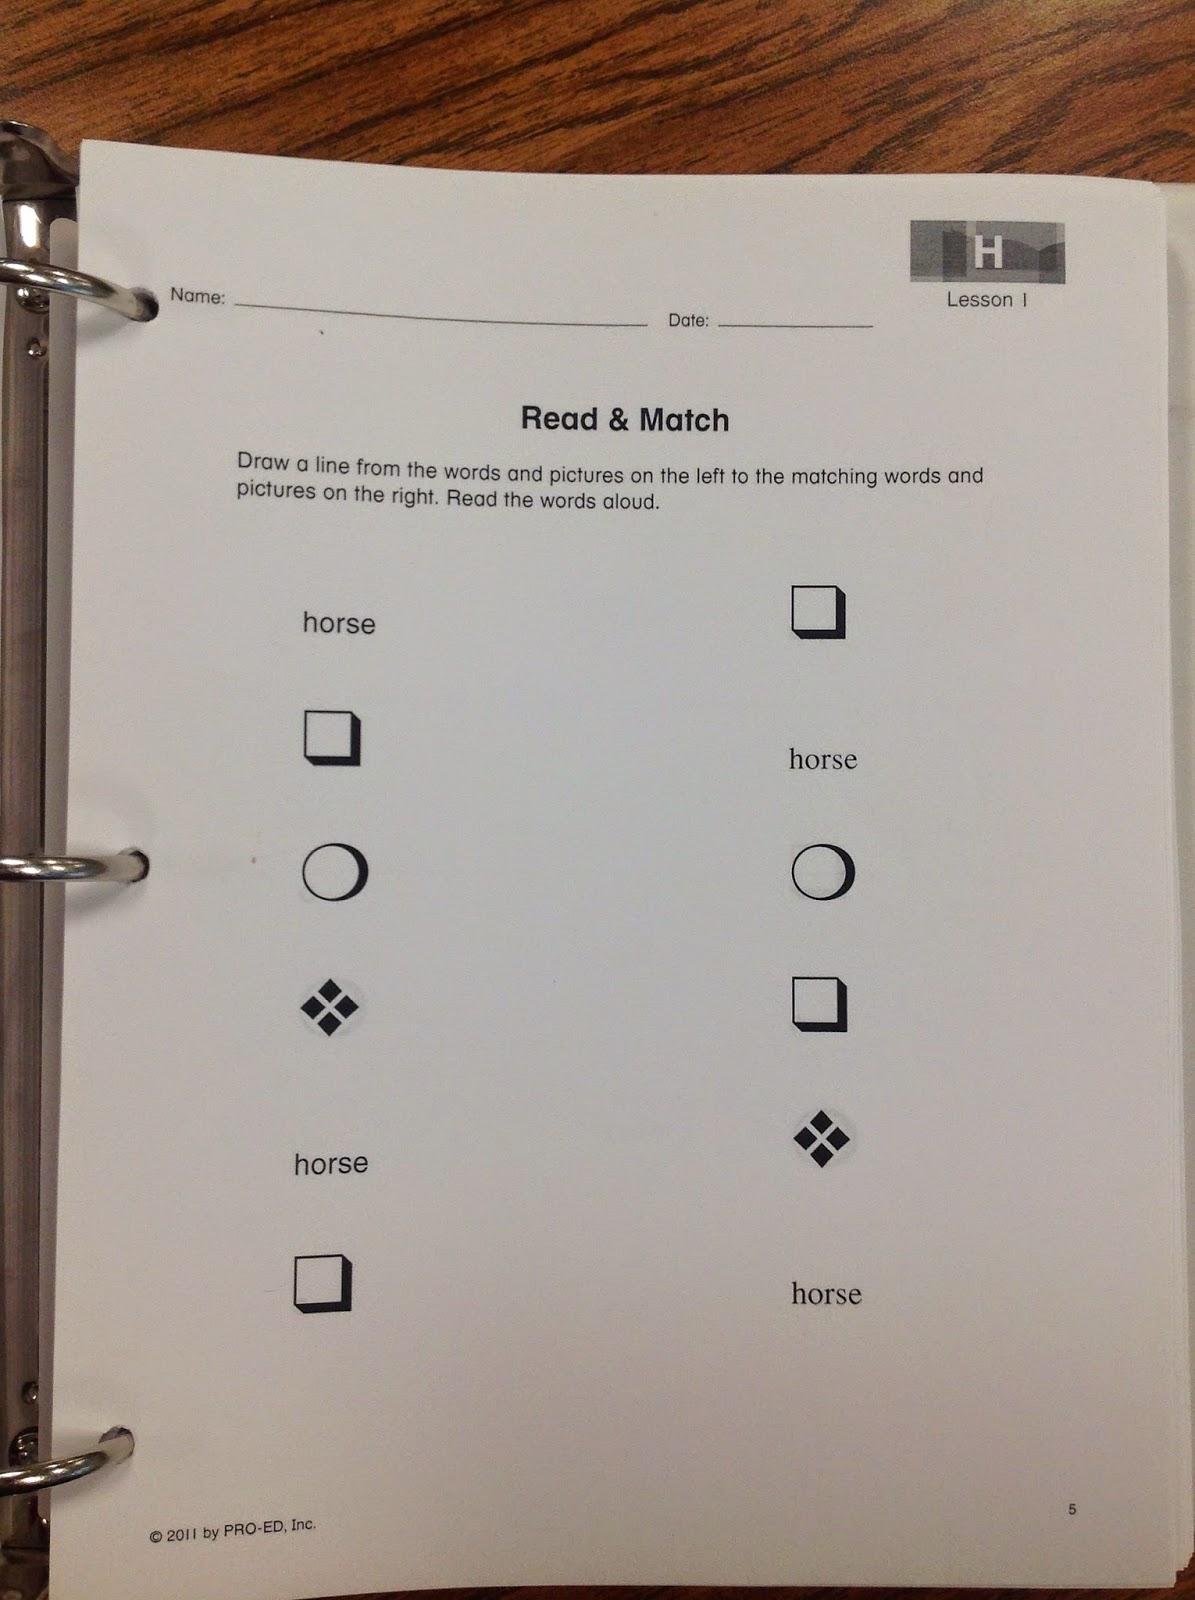 Teach Child How To Read Edmark Reading Program Worksheets